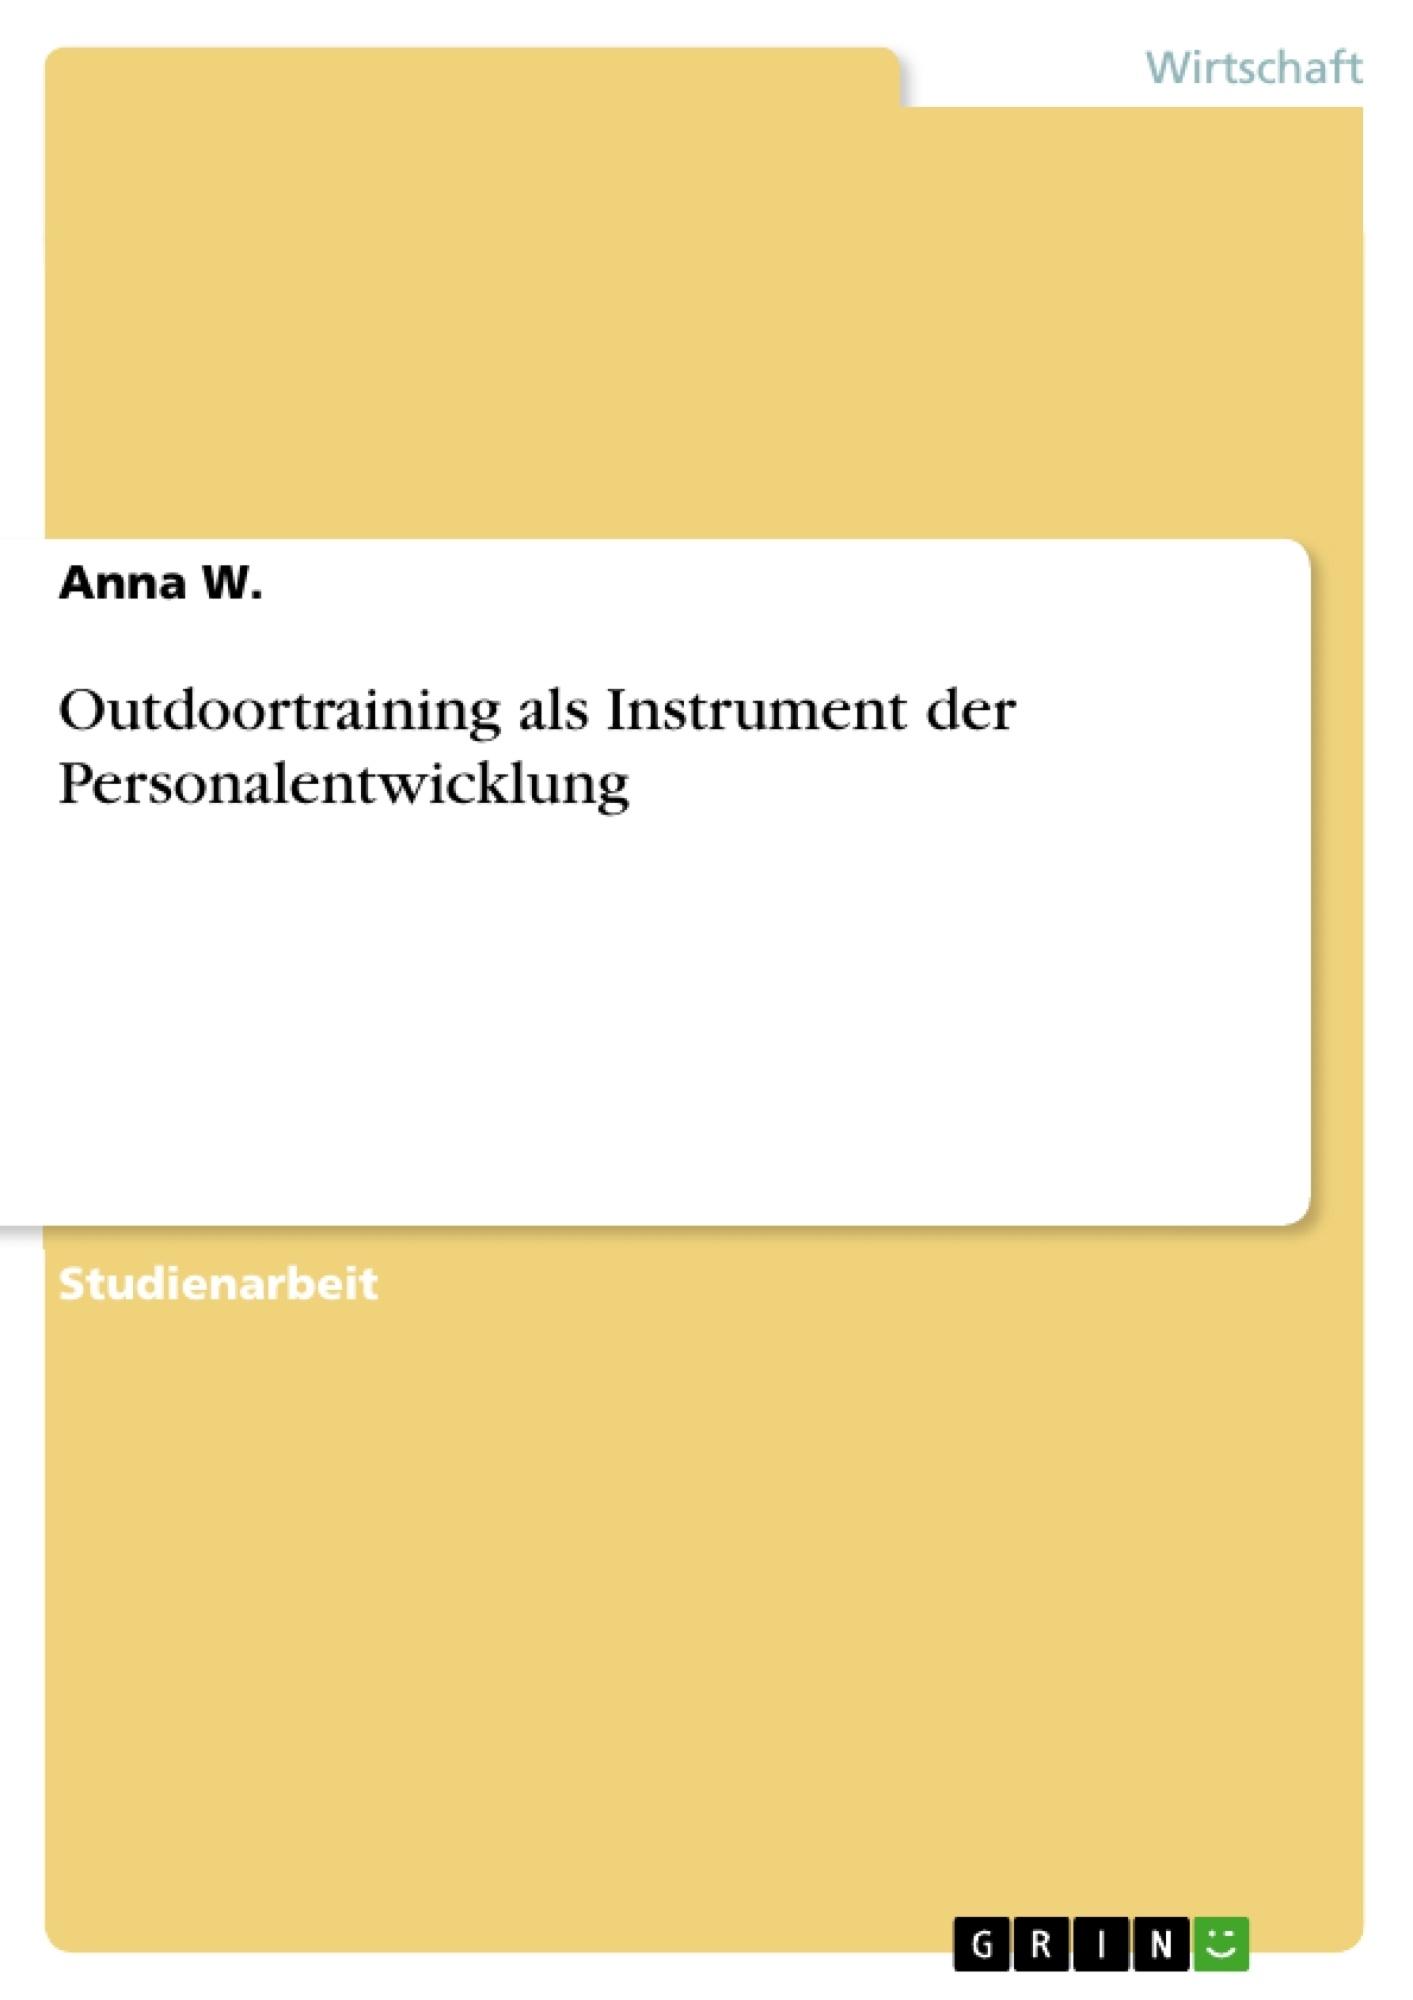 Titel: Outdoortraining als Instrument der Personalentwicklung